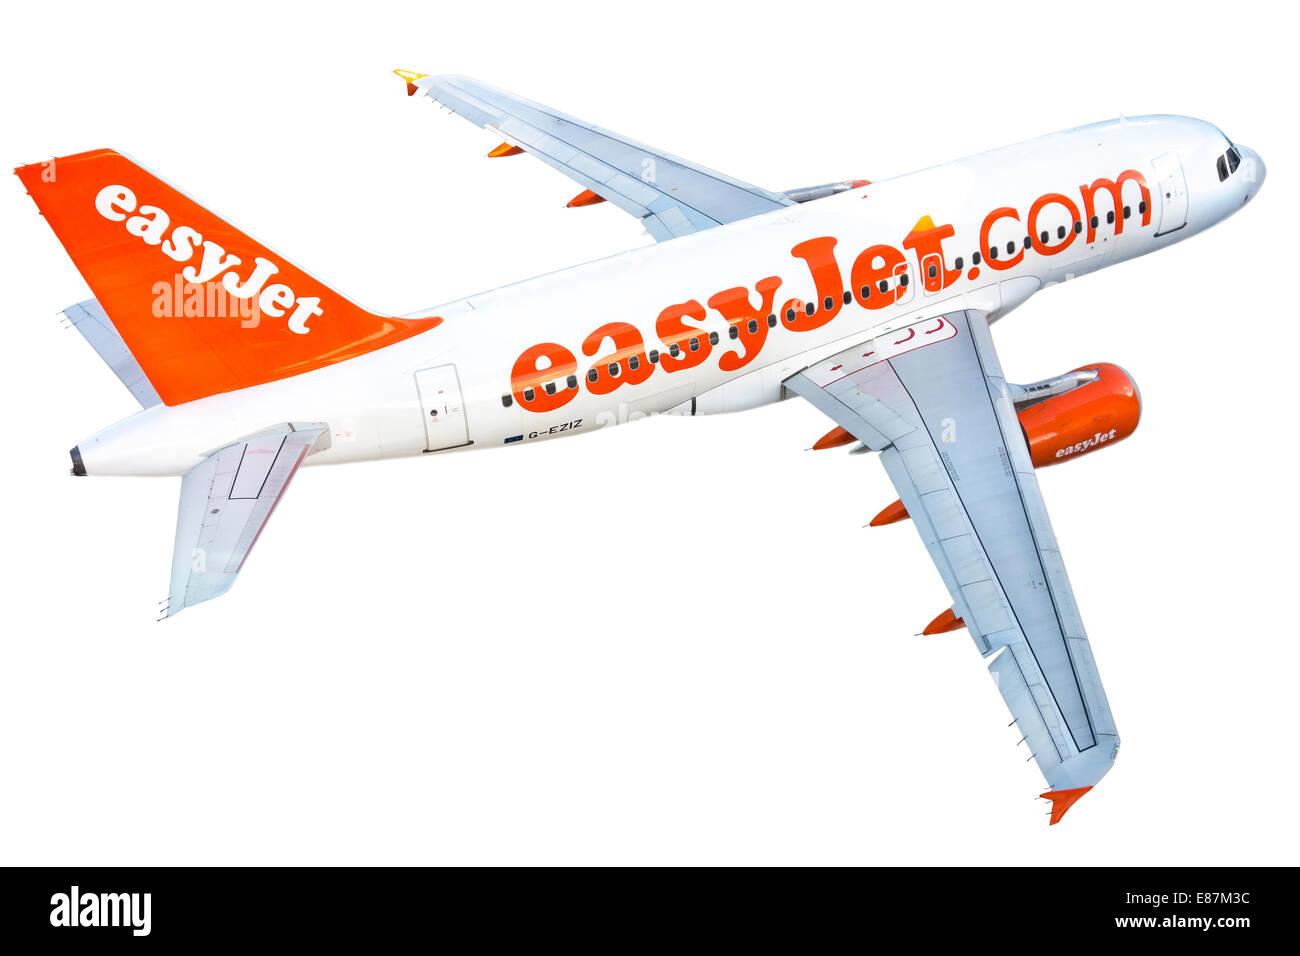 Avion avion EasyJet Airbus A319-111 A 319 111. Découpe découpe isolé sur un fond blanc. Du vrai avion. Photo Stock